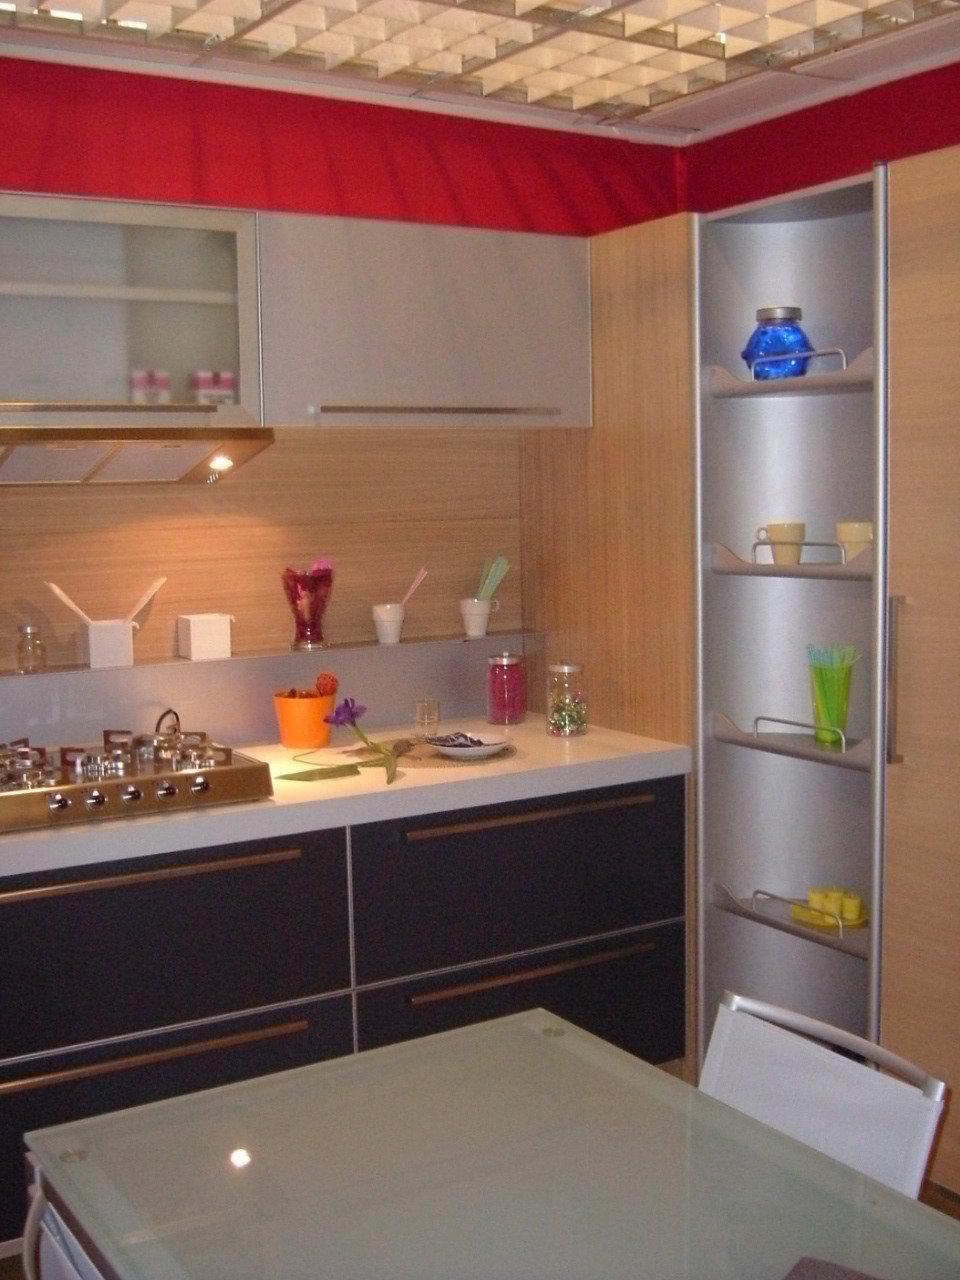 Cucina abba in offerta 9494 cucine a prezzi scontati for Cucina in offerta